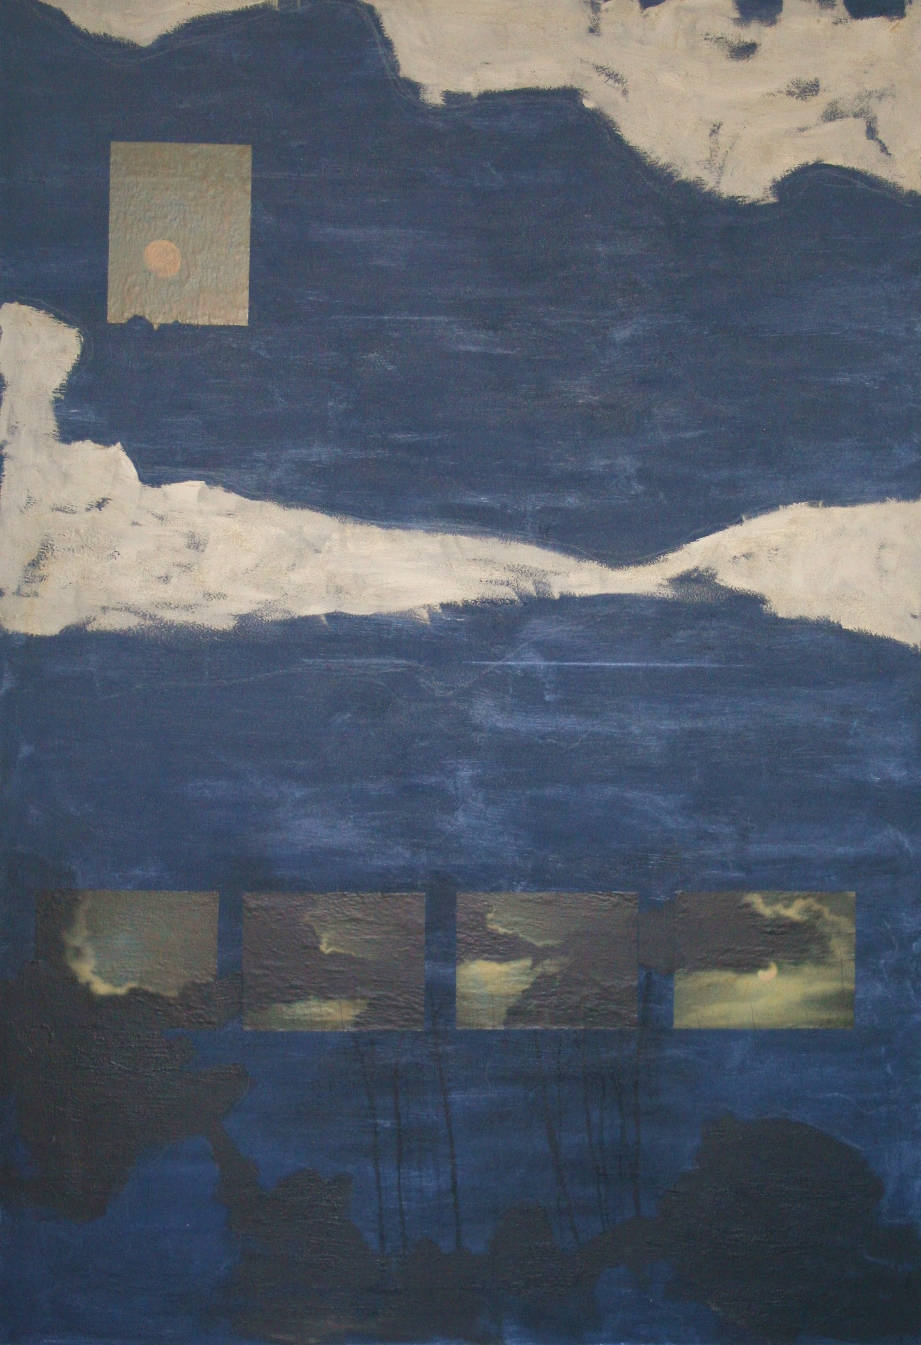 [42] As paredes que me cercam (noturno) [Céu do Campeche], 2003. Paulo Renato Gaiad [1953-2016]. Coleção Catarina. Fonte Ylmar Corrêa Neto.